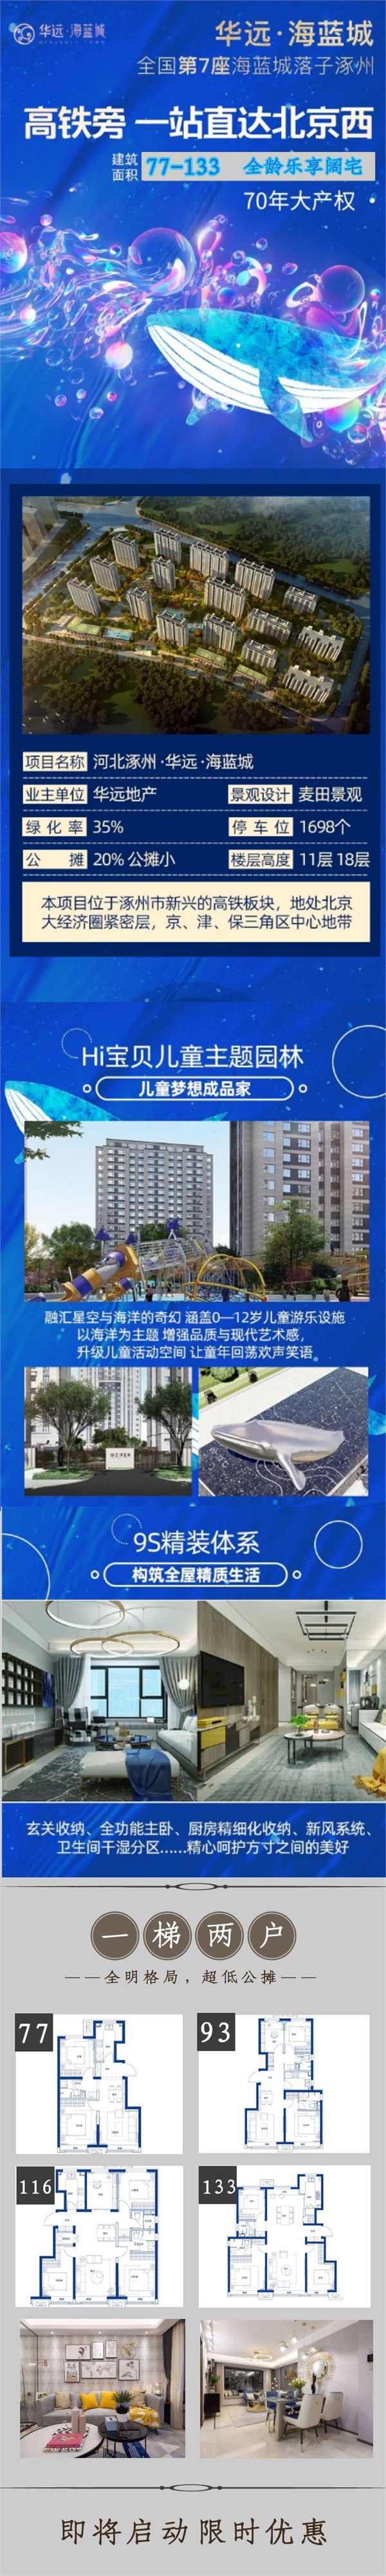 河北涿州值得投资的新房子